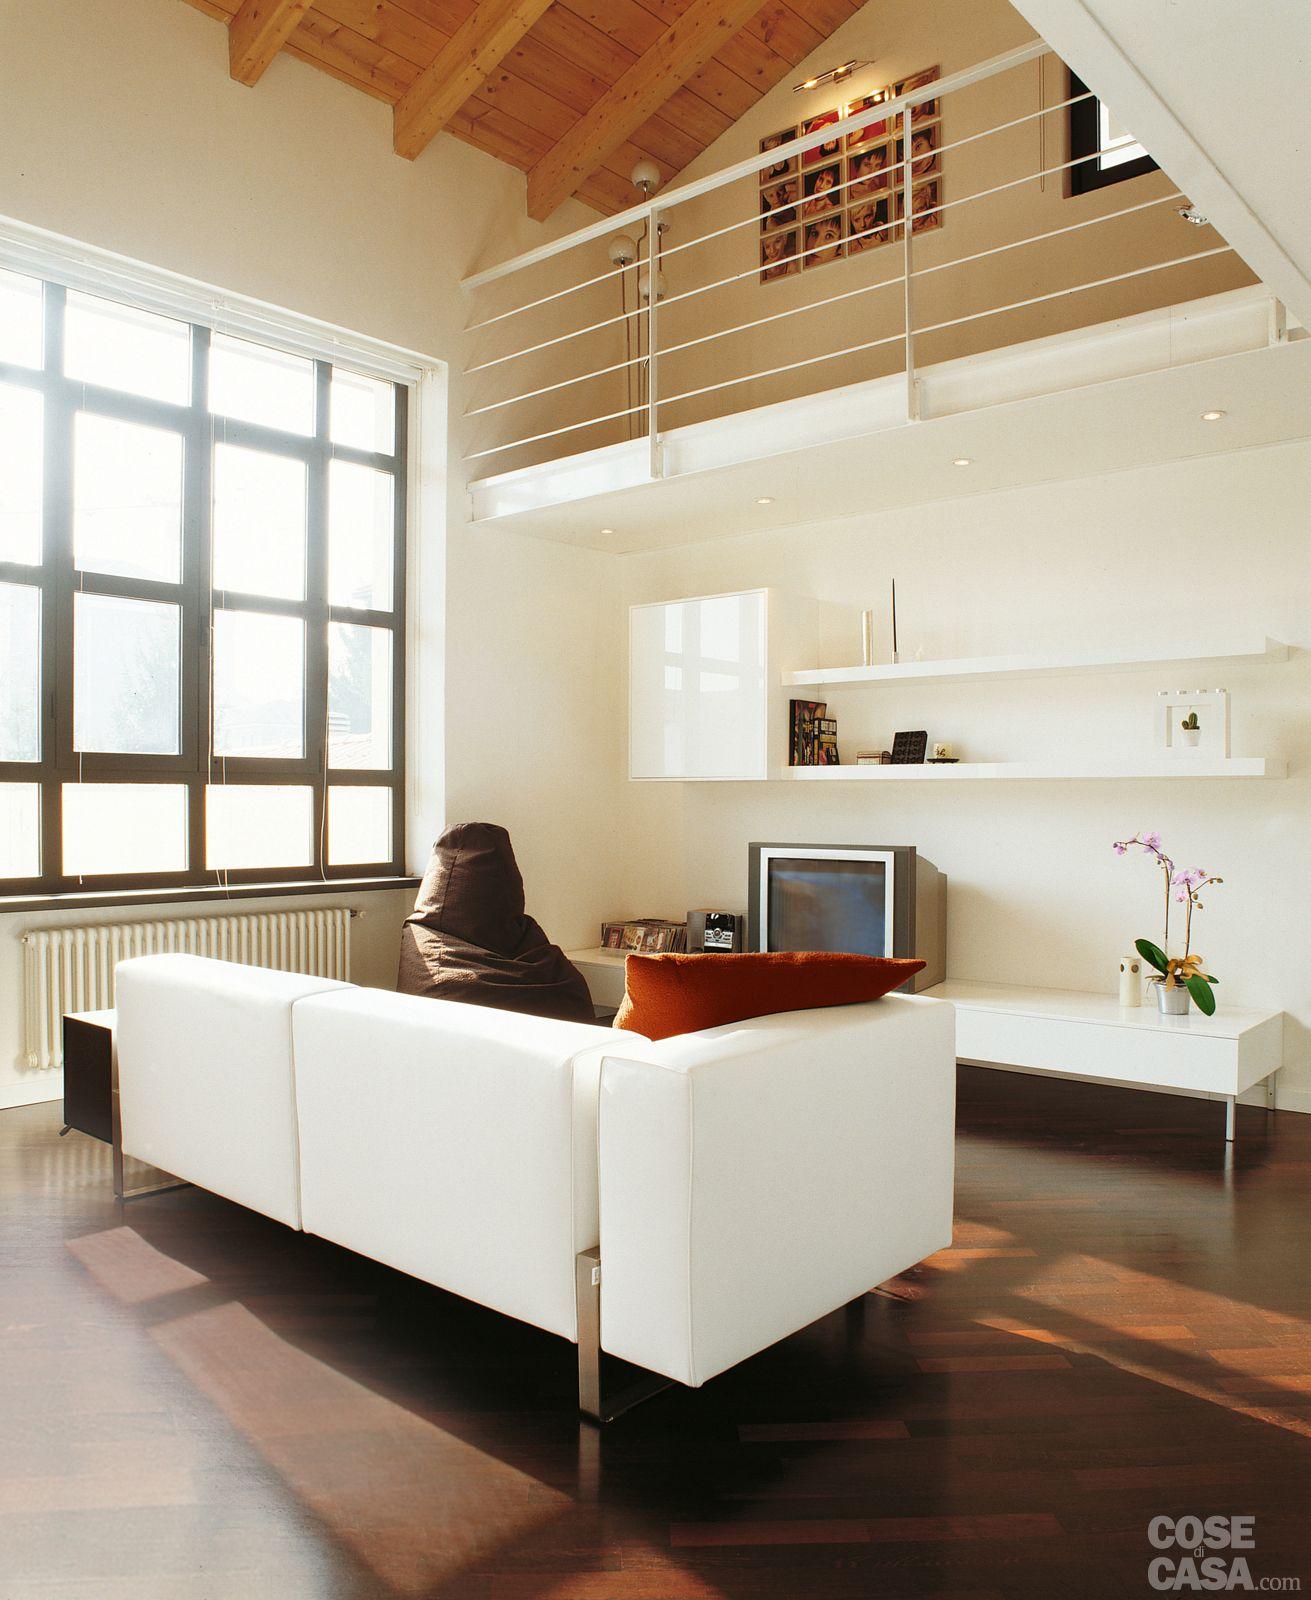 Una casa a doppia altezza con soppalco di 70 mq soppalco for Case moderne sotto 100k